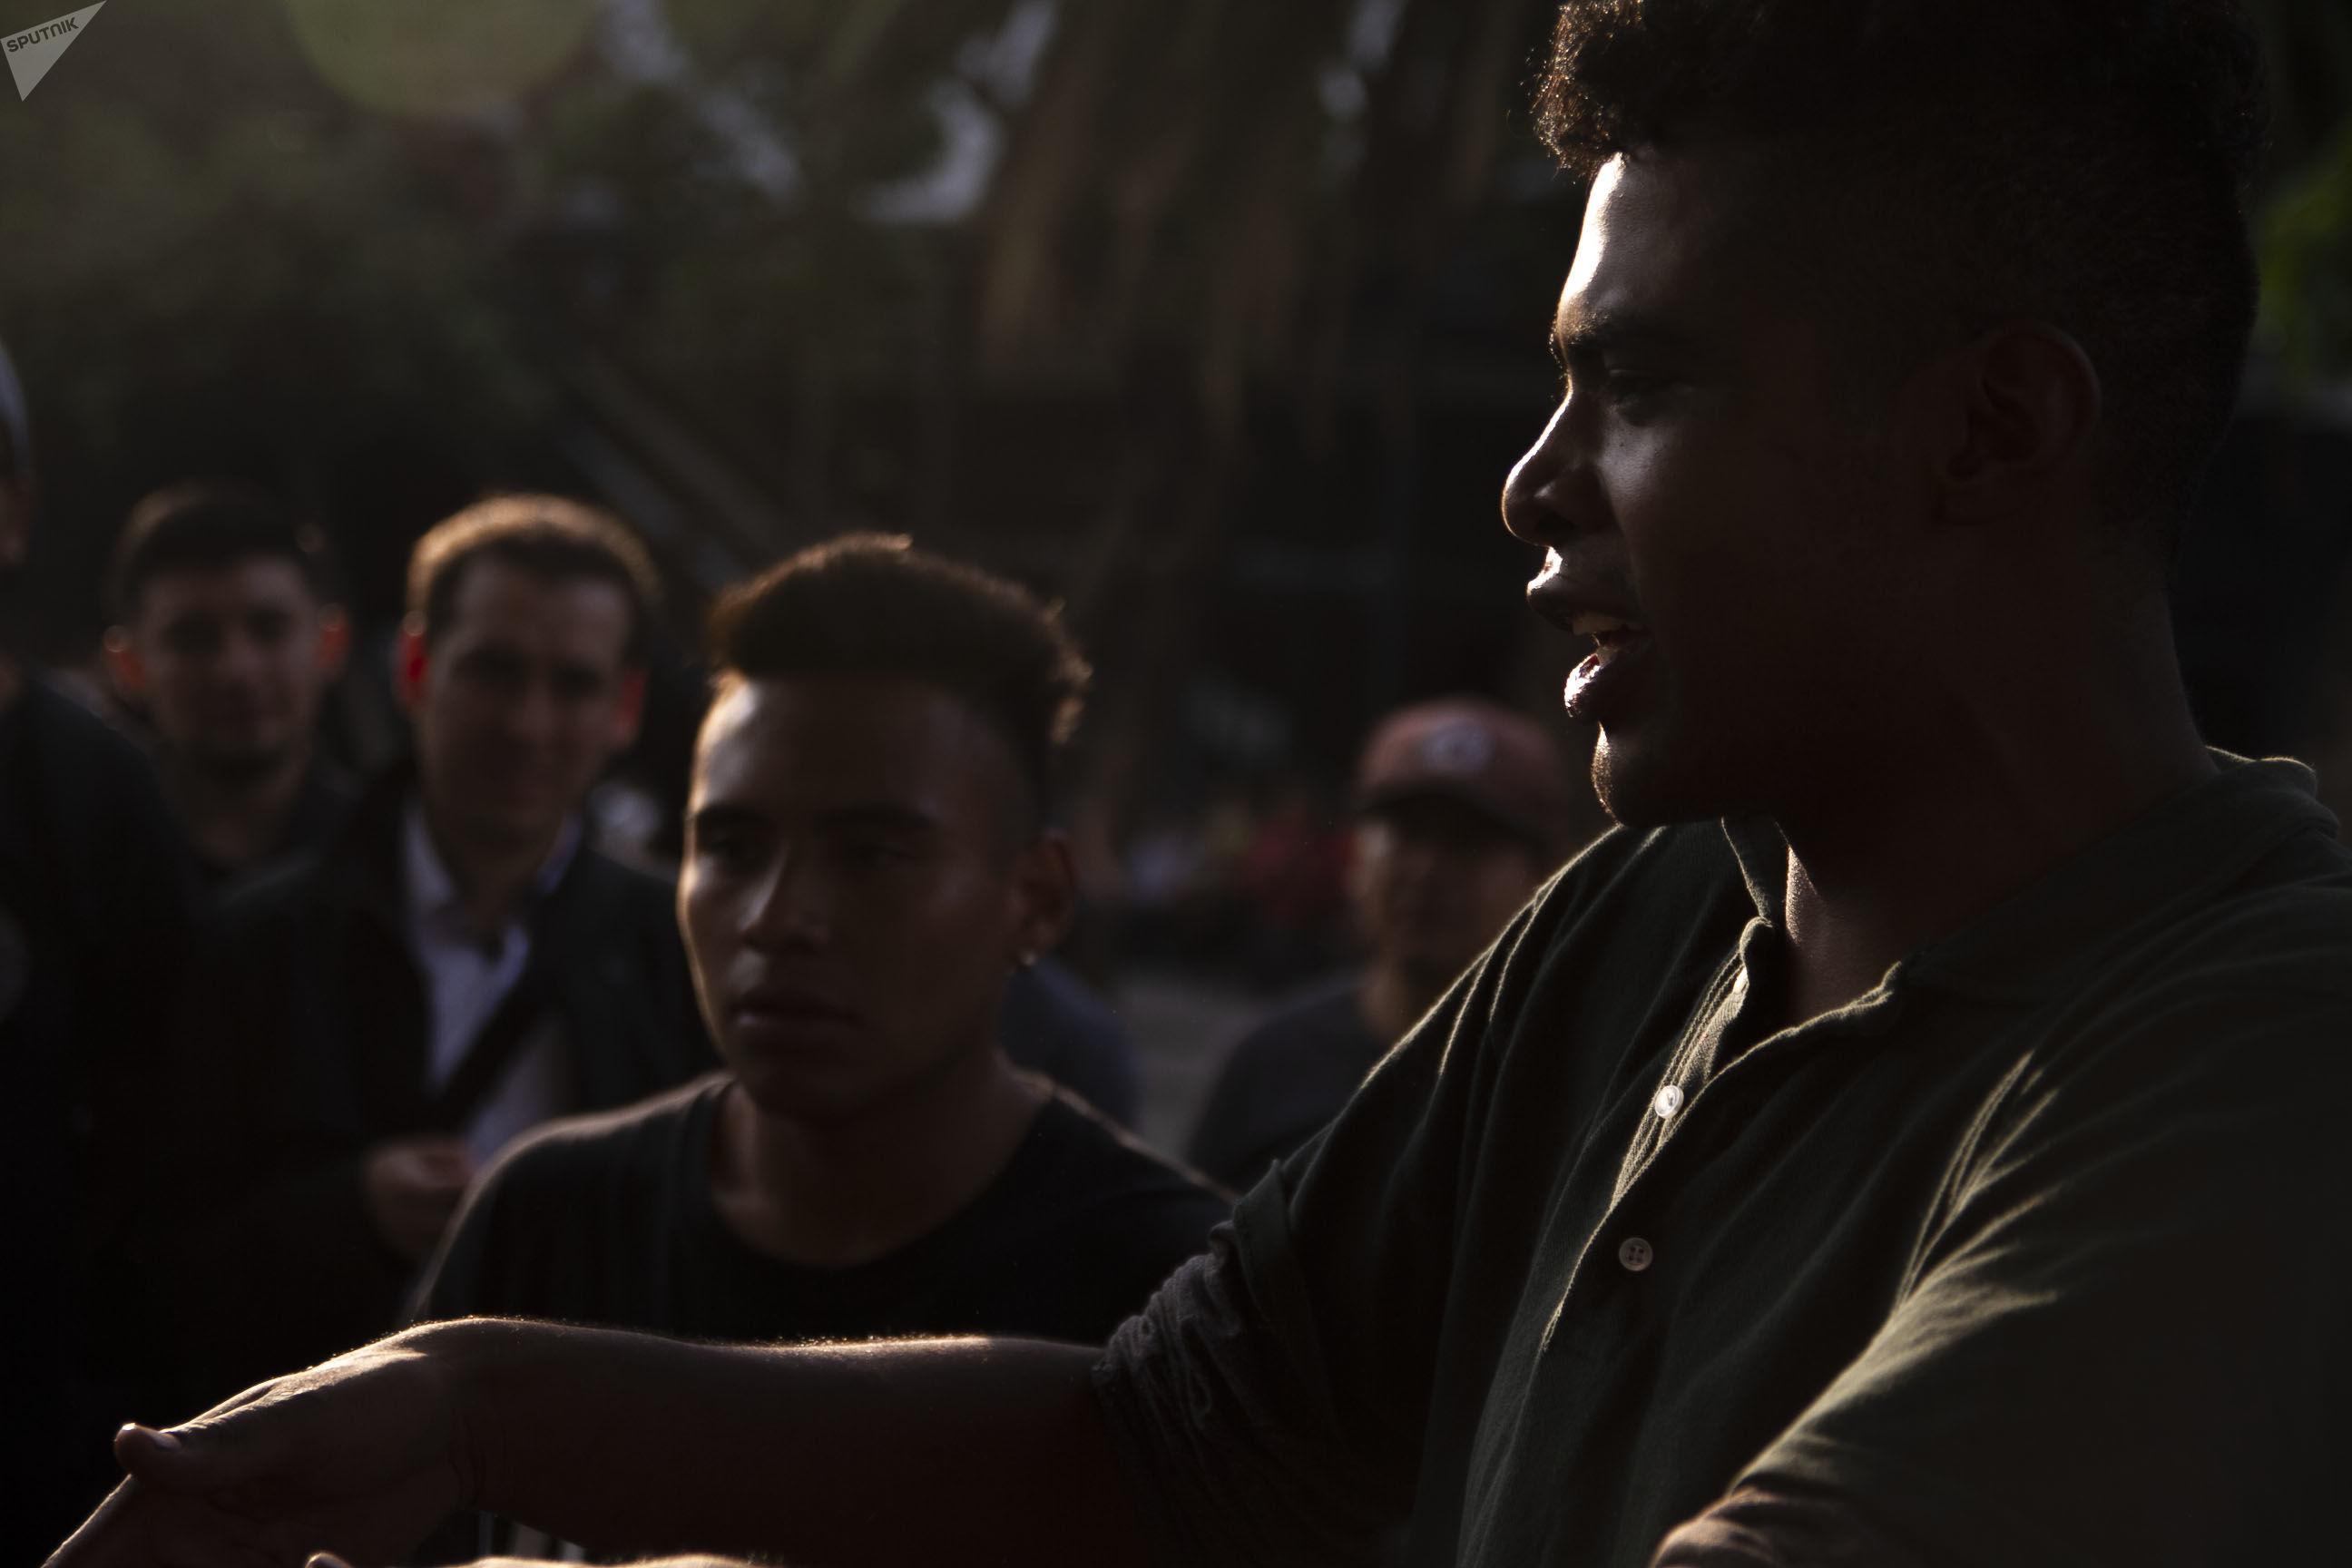 Ciudad de México: Humo durante la batalla de rap en la Glorieta de los Insurgentes